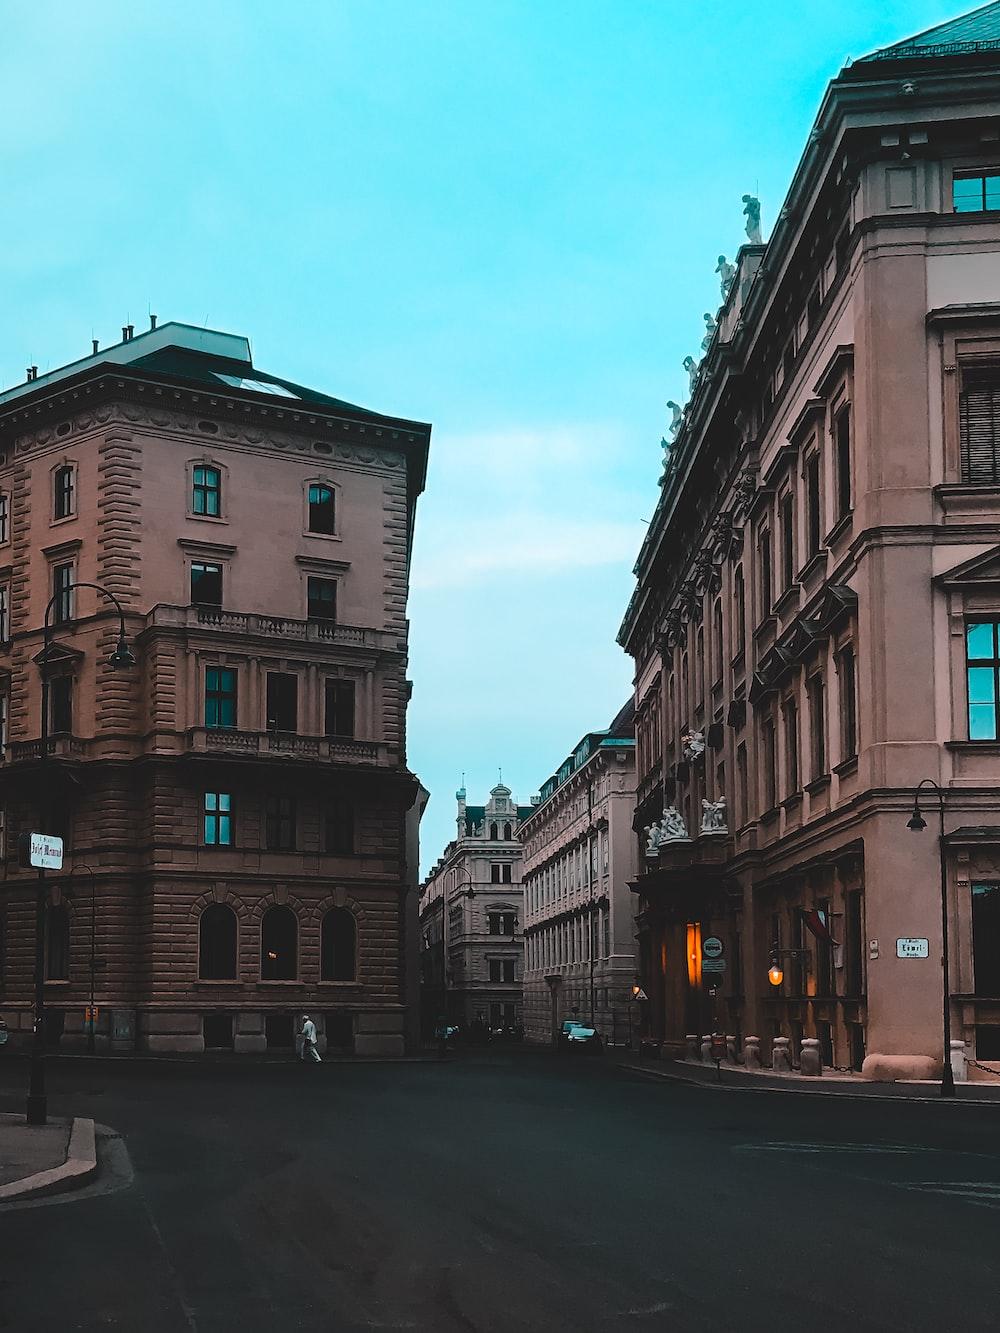 empty road between brown painted buildings